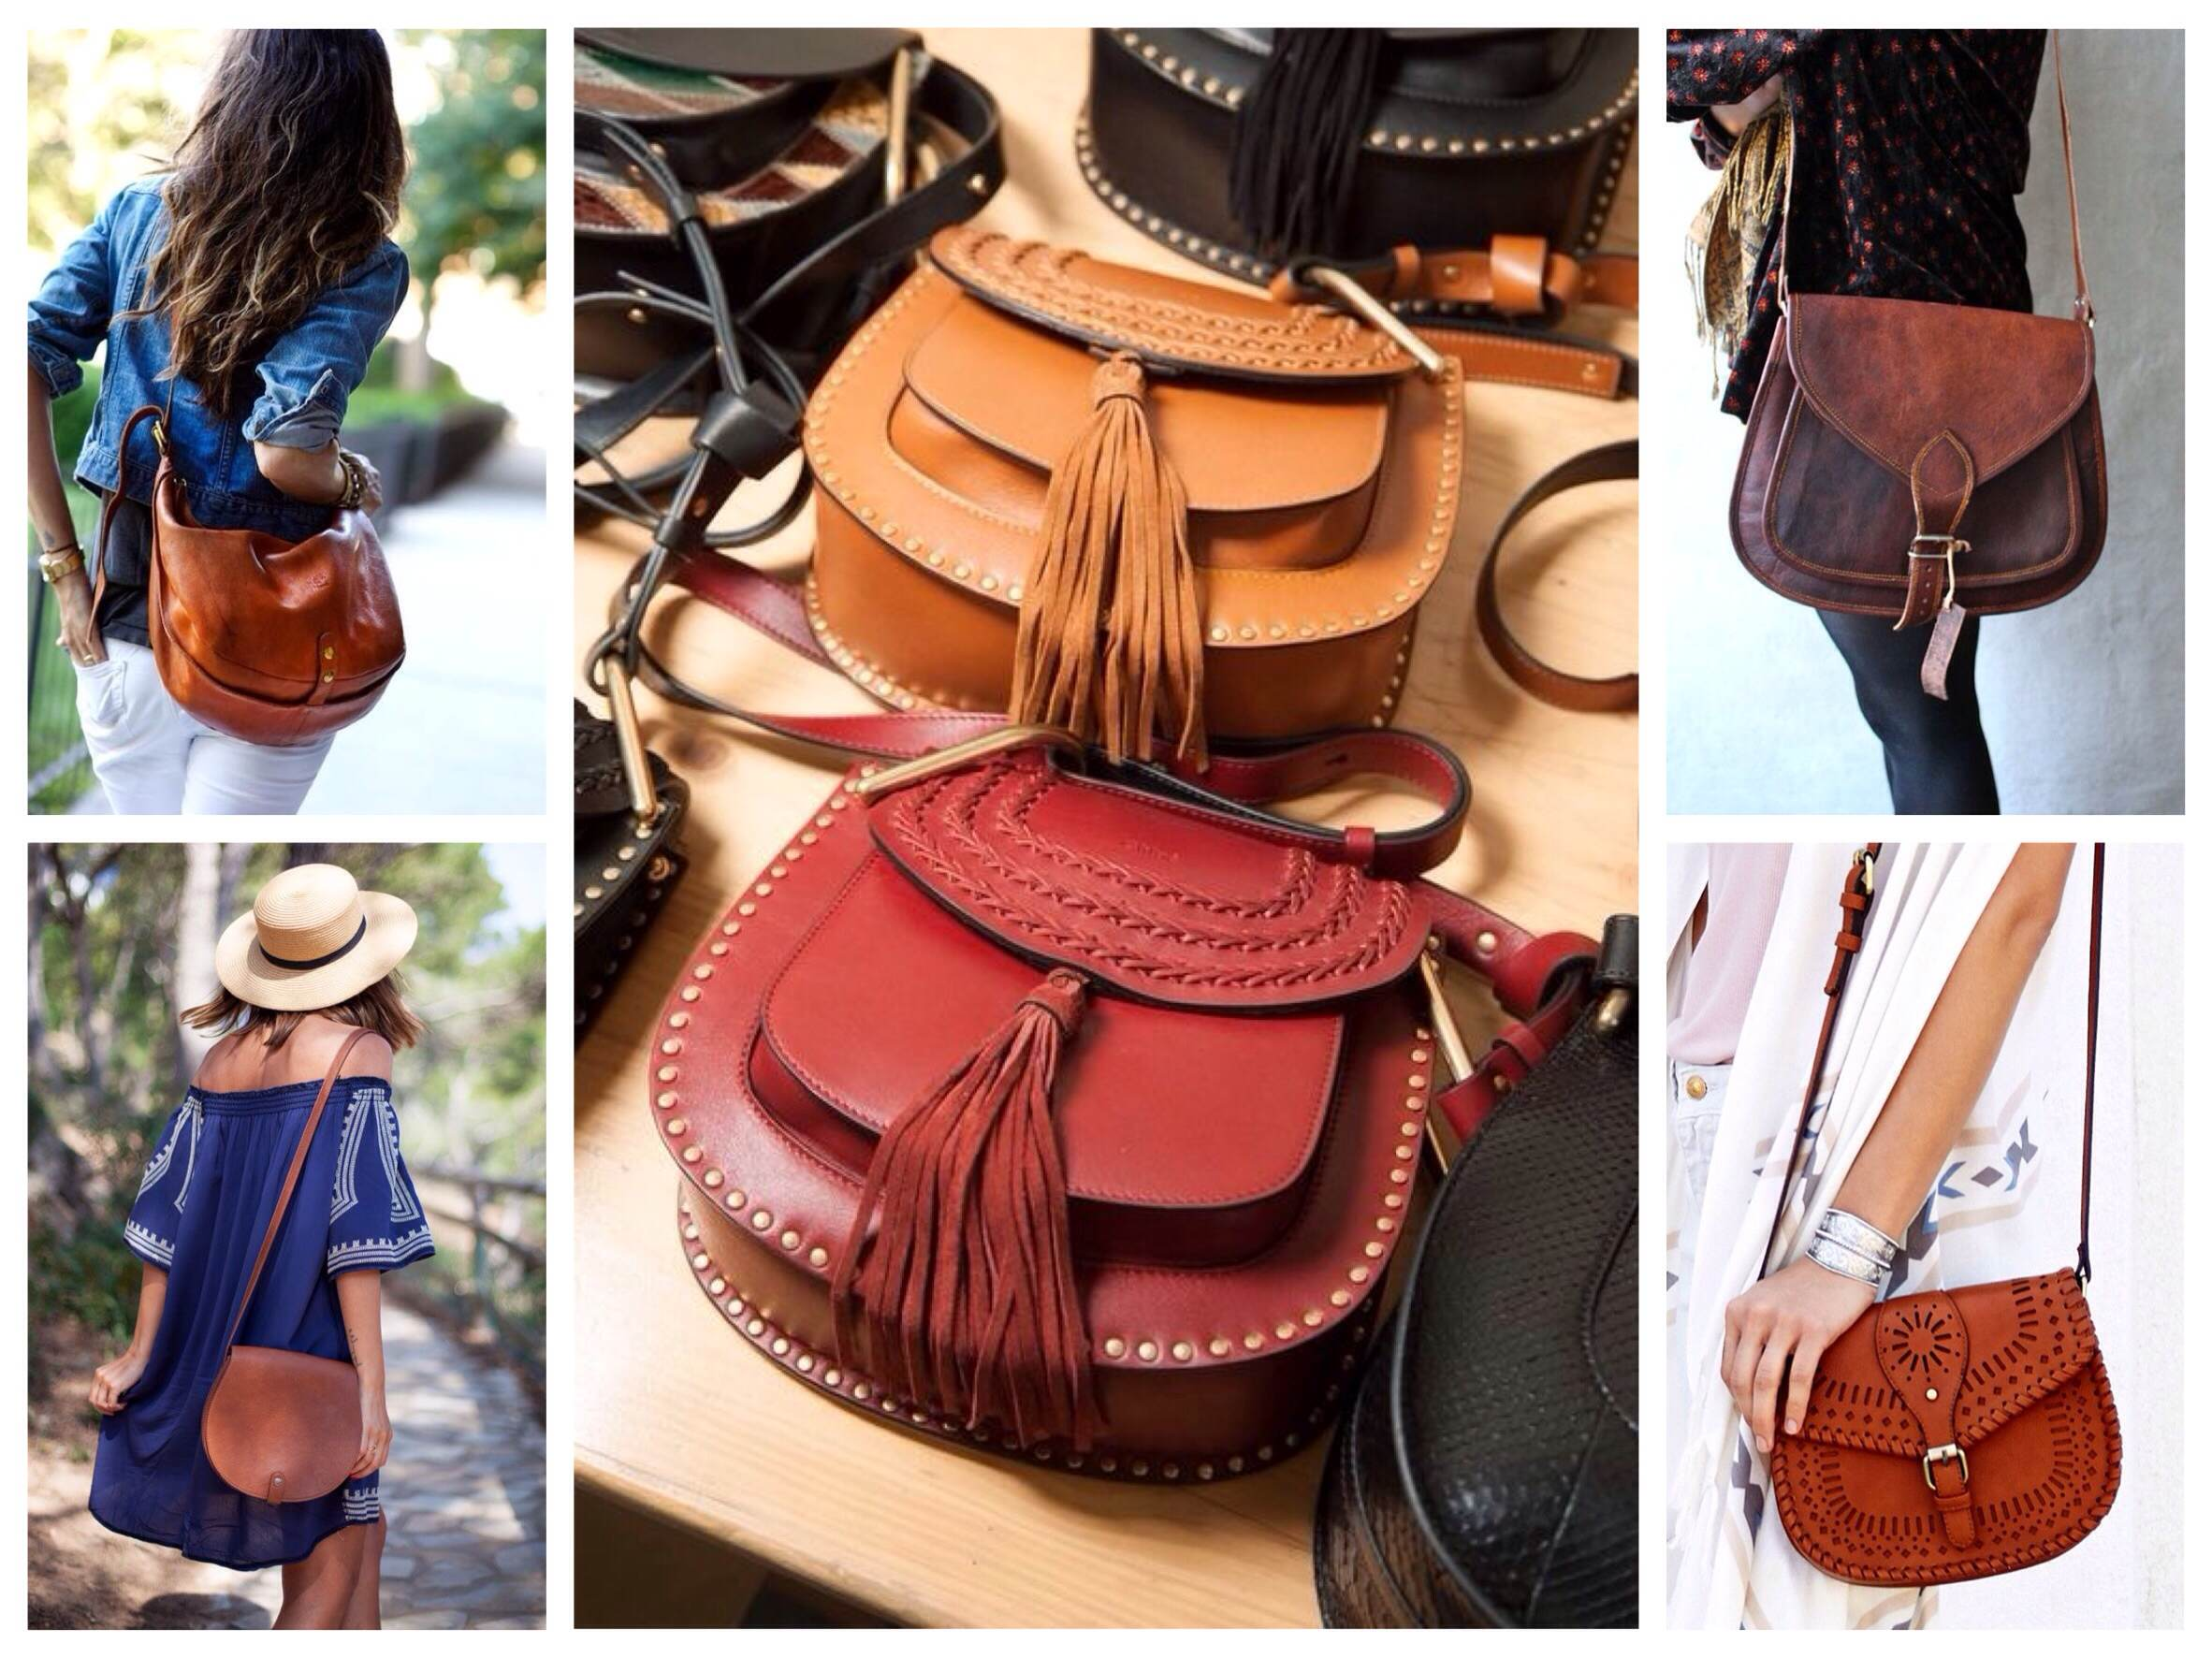 971e52e23d4d Виды женских сумок и как их носить: фото, рекомендации